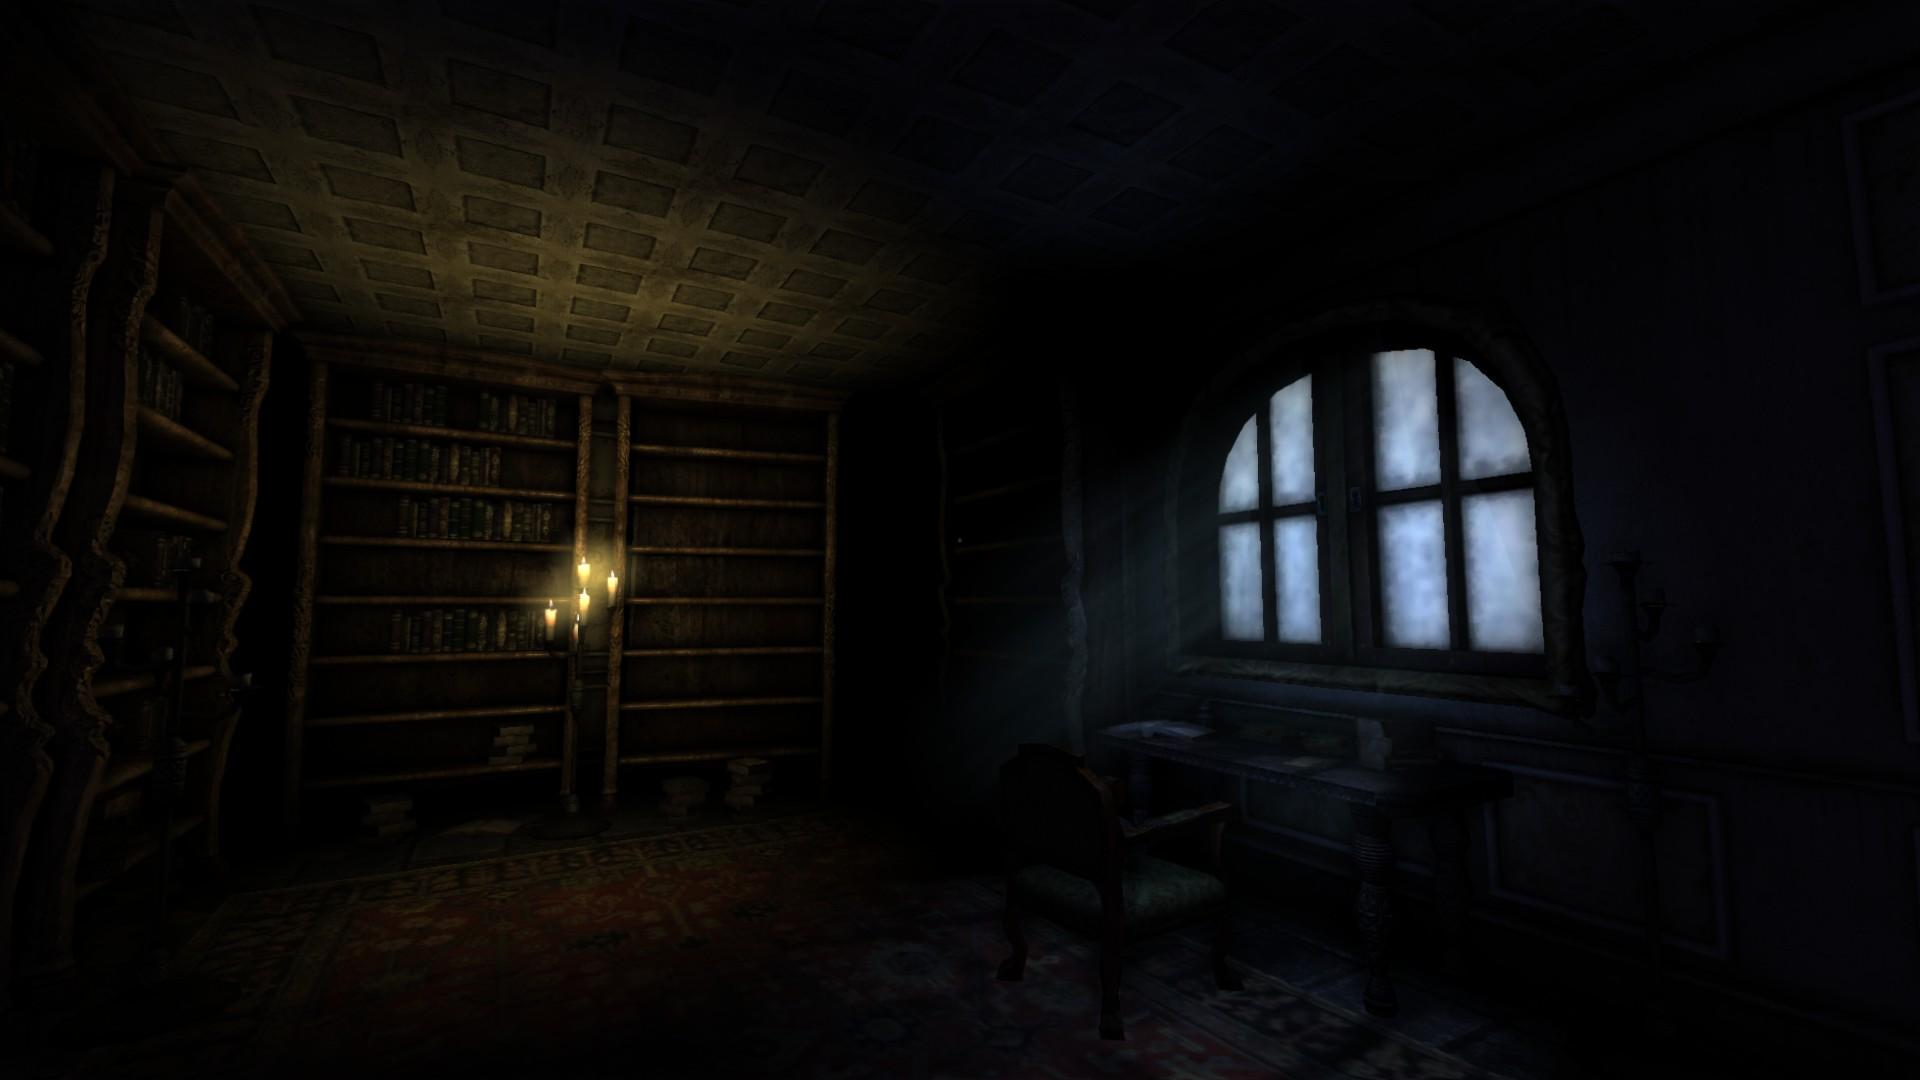 Amnesia Anime Wallpaper Dimly Lit Study Image Black Forest Castle V2 Mod For